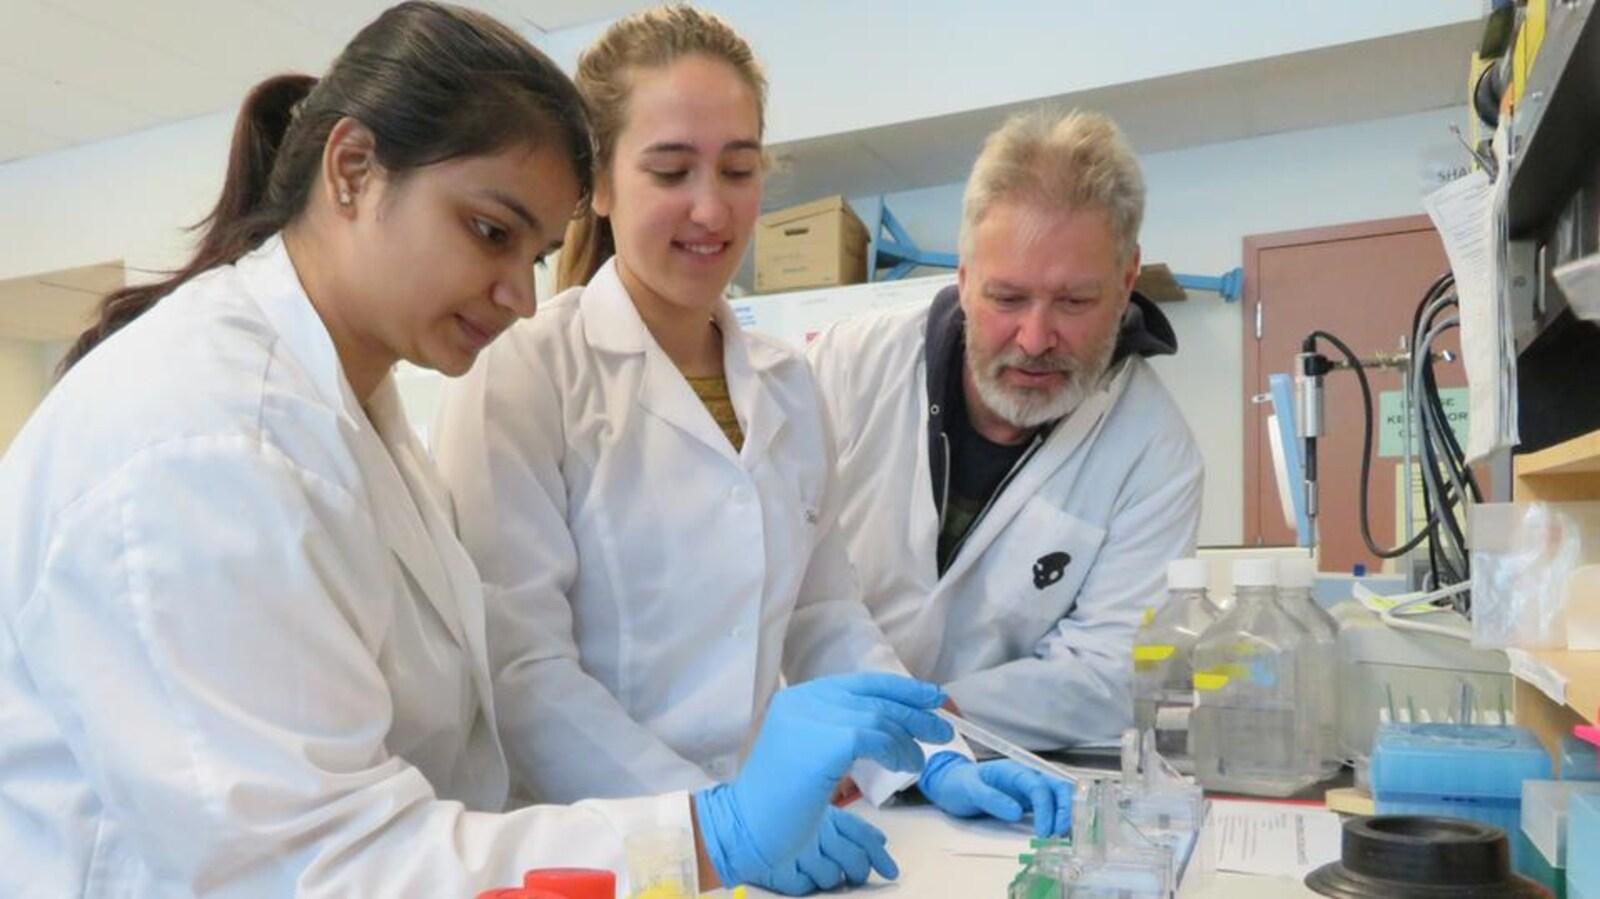 Un homme et deux femmes en sarau blanc remplissent une éprouvette.